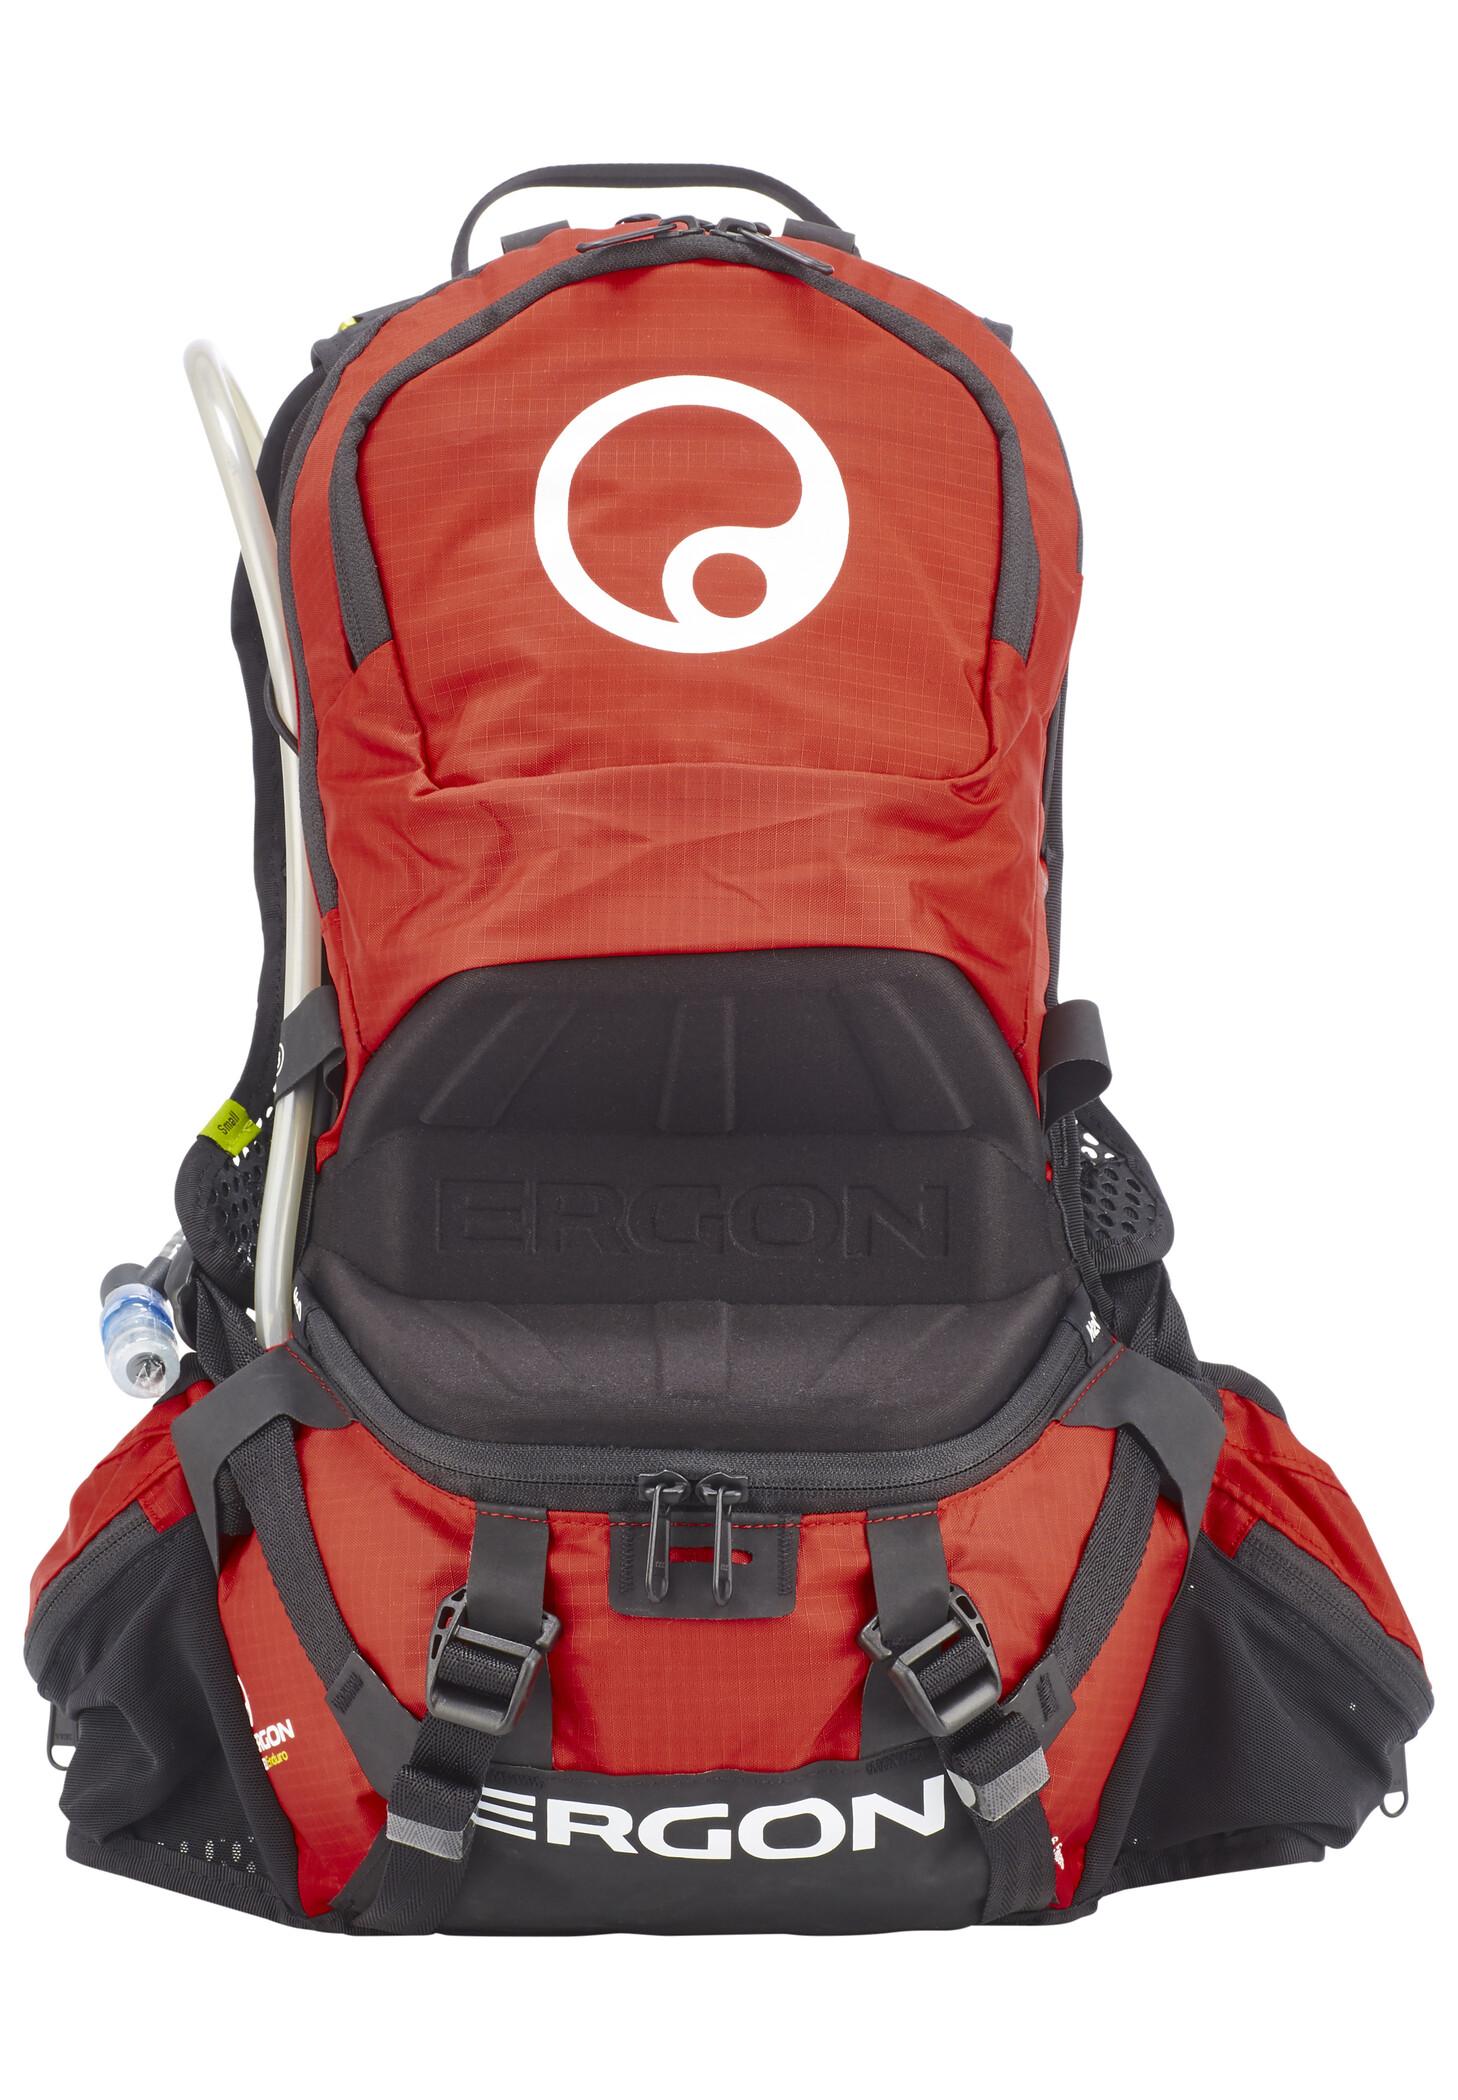 Ergon BE2 Enduro Rygsæk 6,5 L, black/red | Rygsæk og rejsetasker